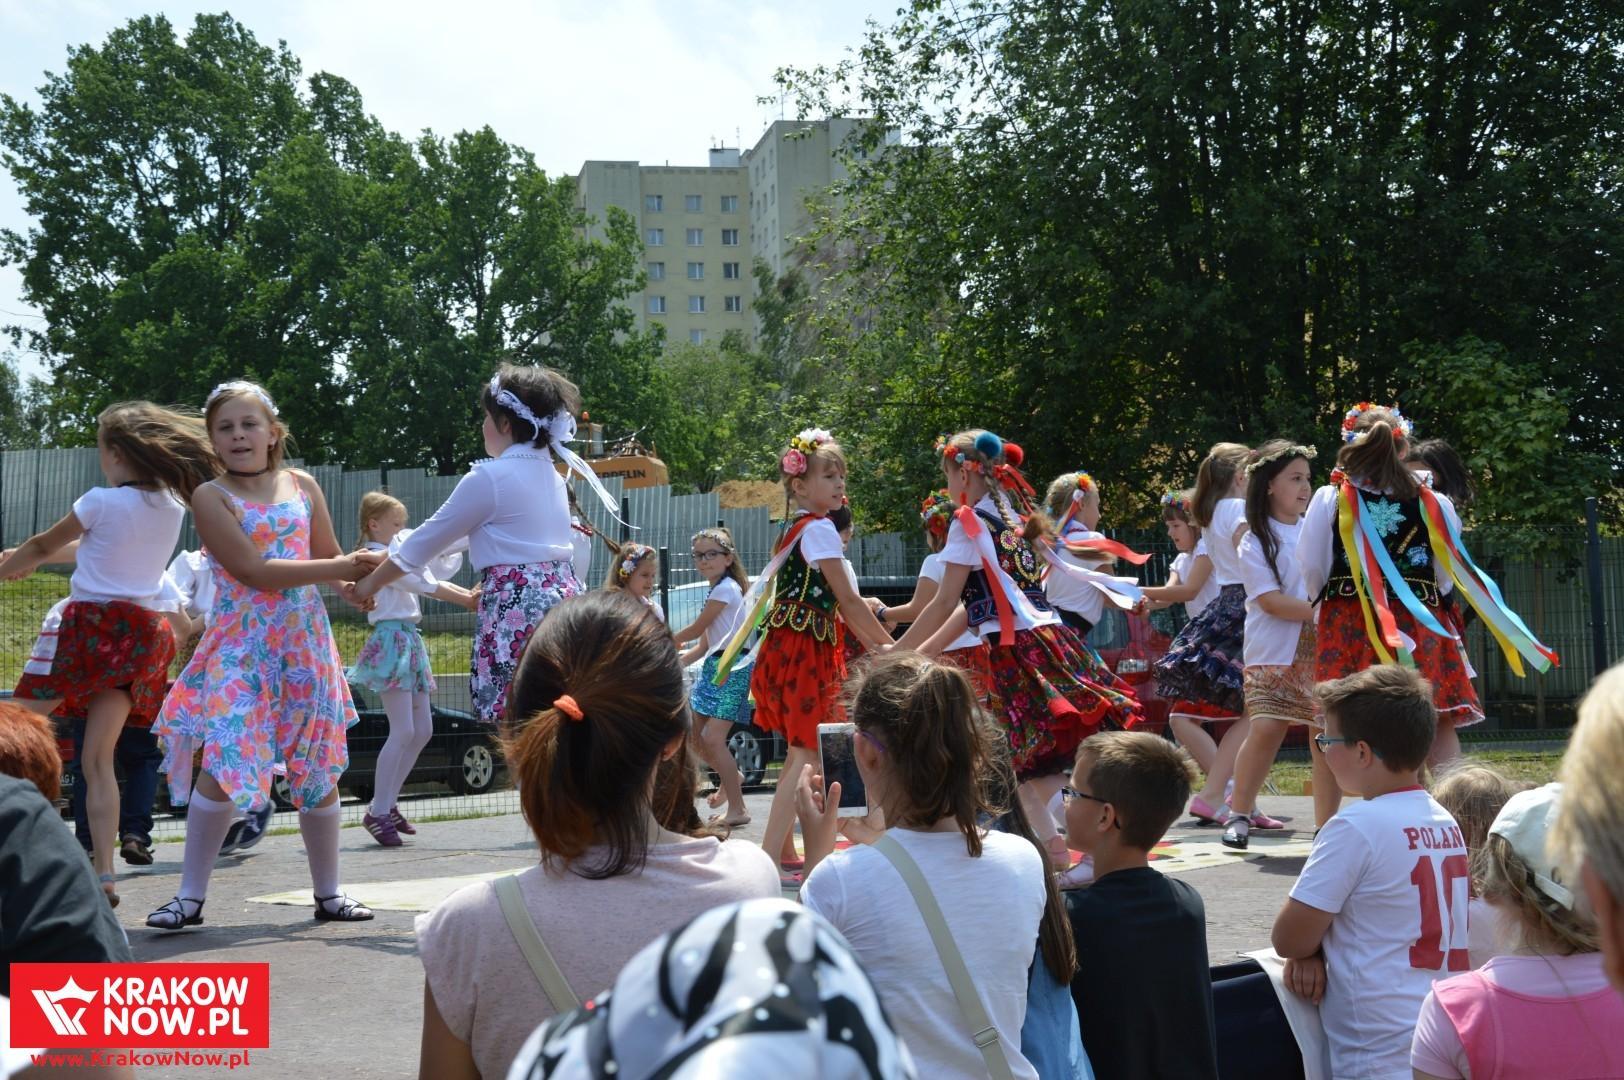 25 lat osiedla rzaka krakow festyn rodzinny 71 150x150 - 25 lat Osiedla Rżąka - galeria zdjęć z festynu